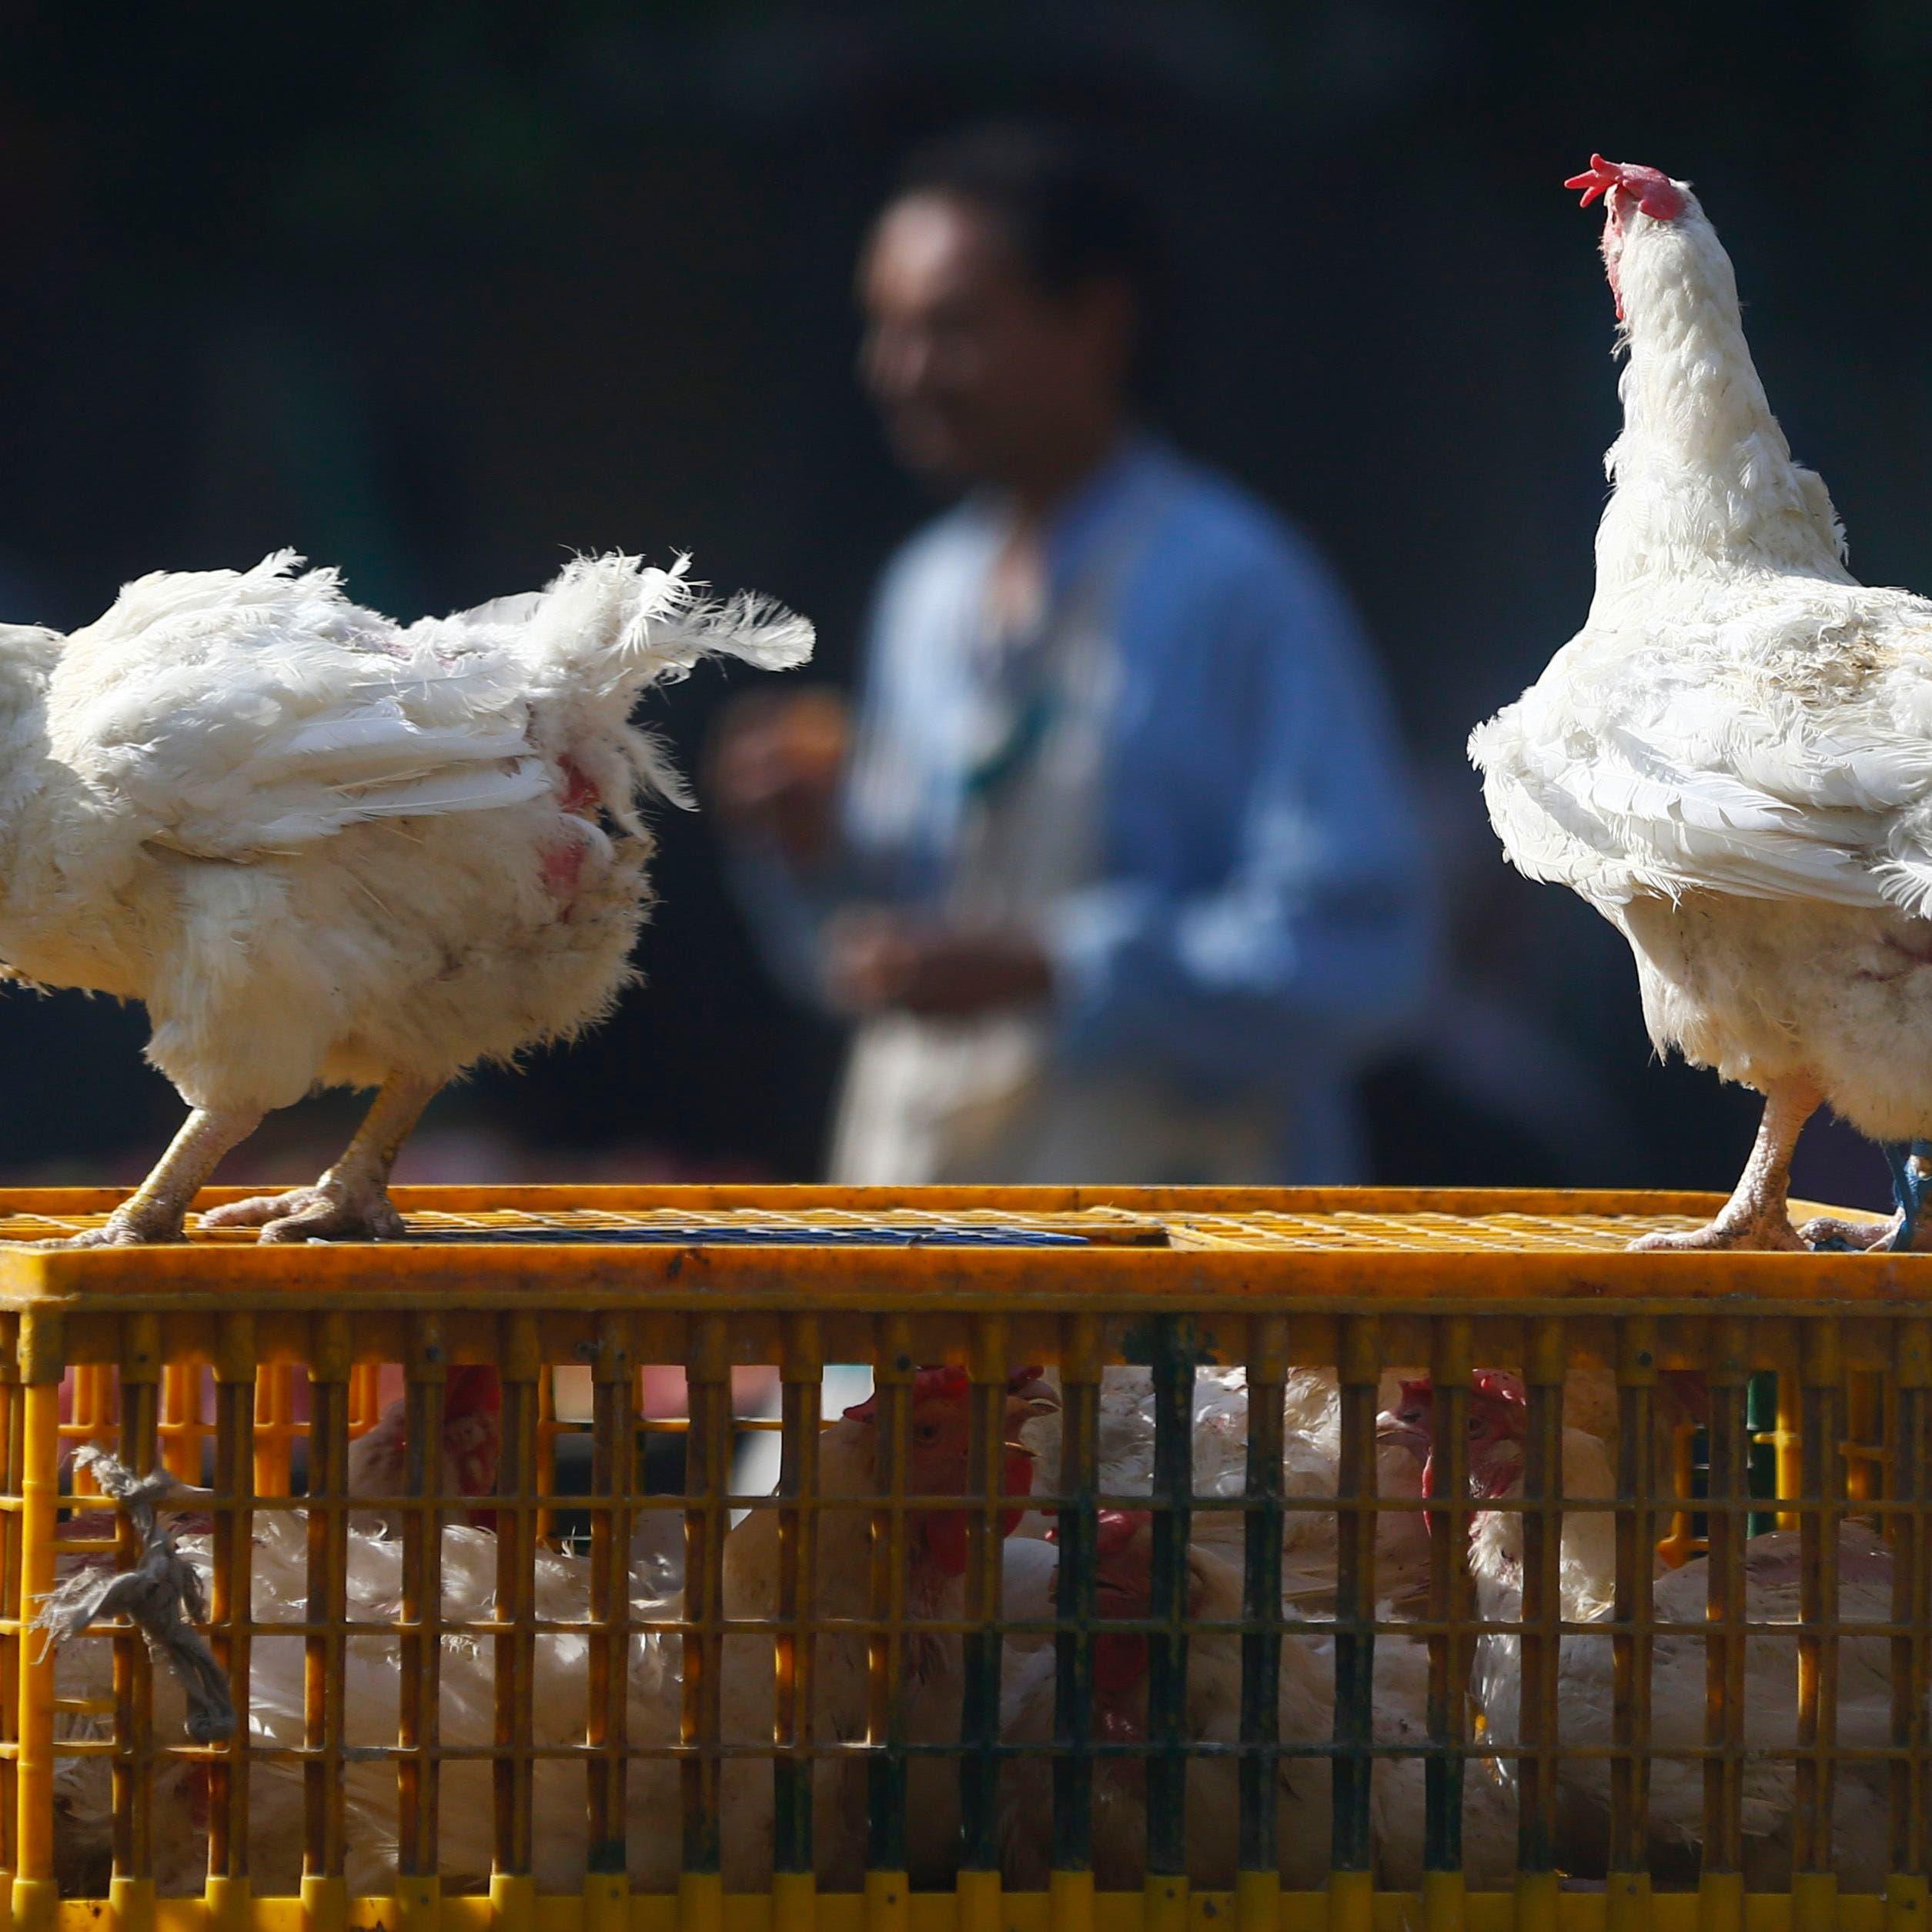 بريطانيا: ظهور انفلونزا الطيور في مزرعة بشمال البلاد